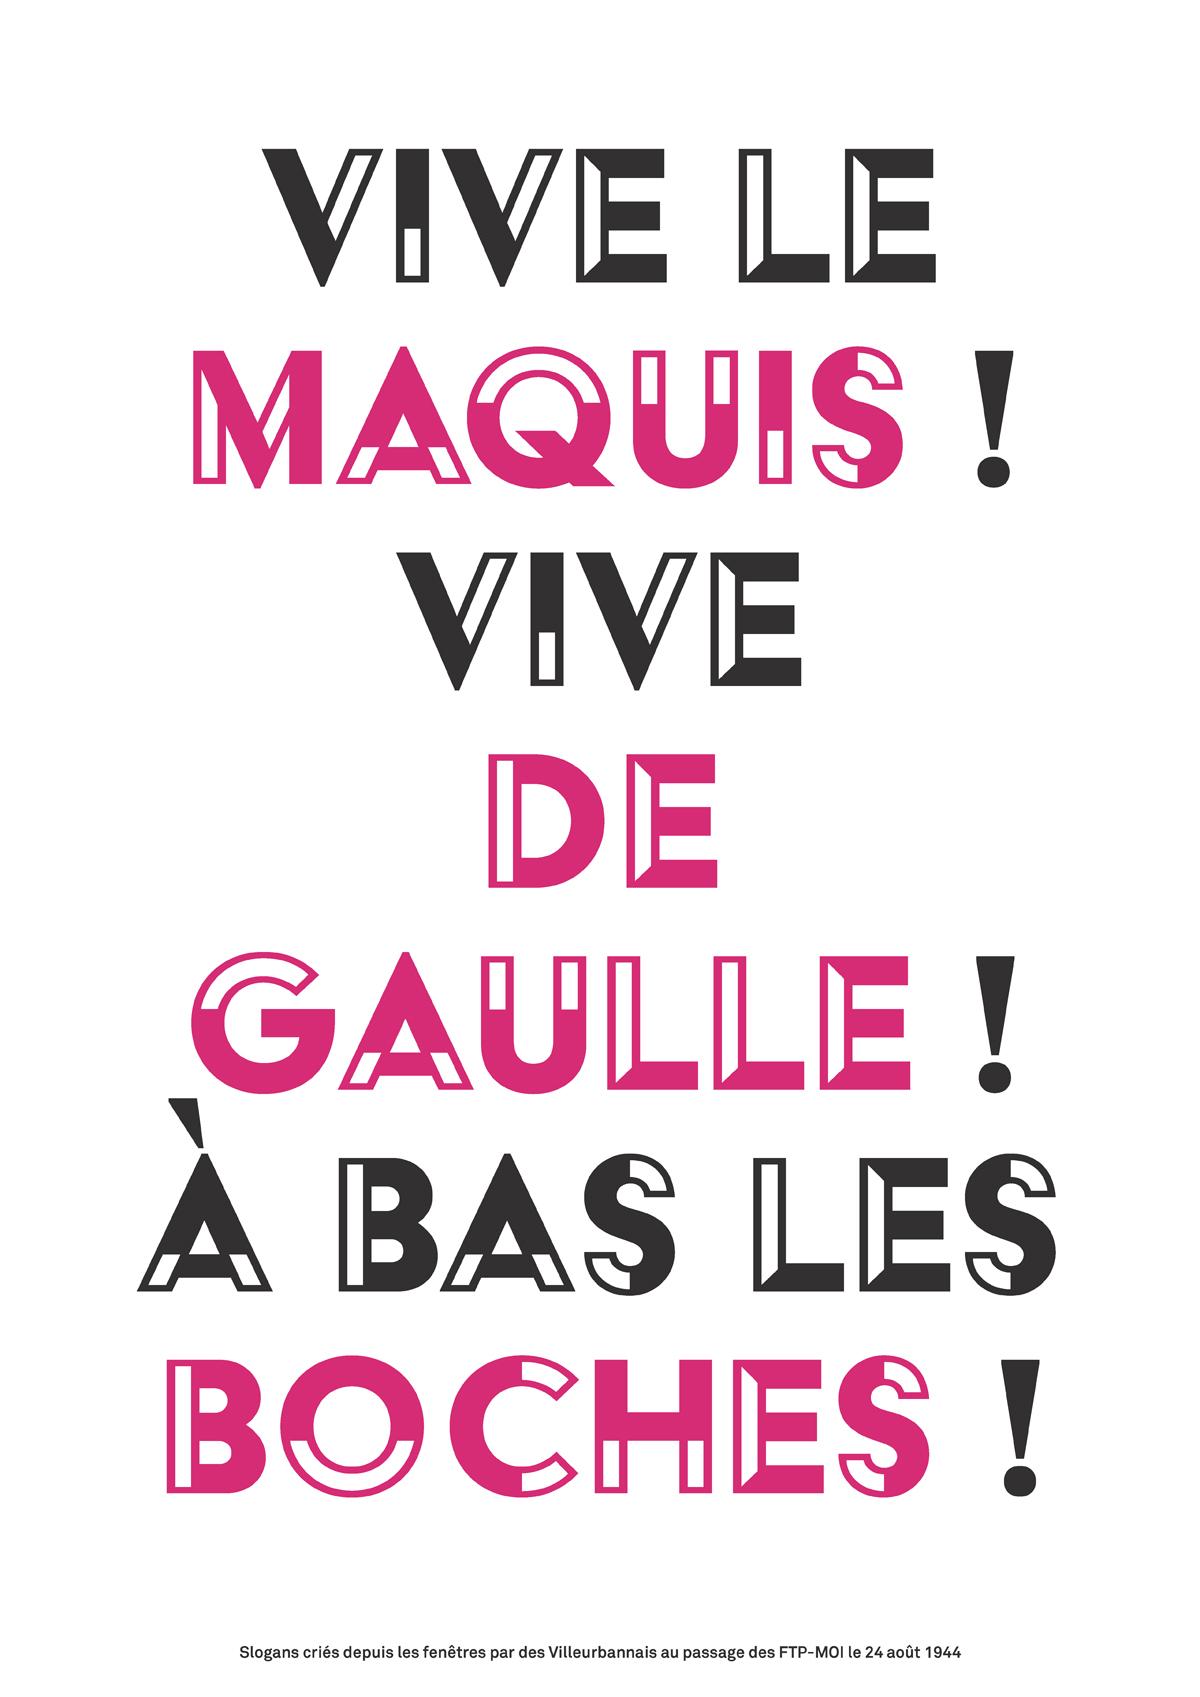 Vive le maquis ! Vive De Gaulle ! A bas les boches !